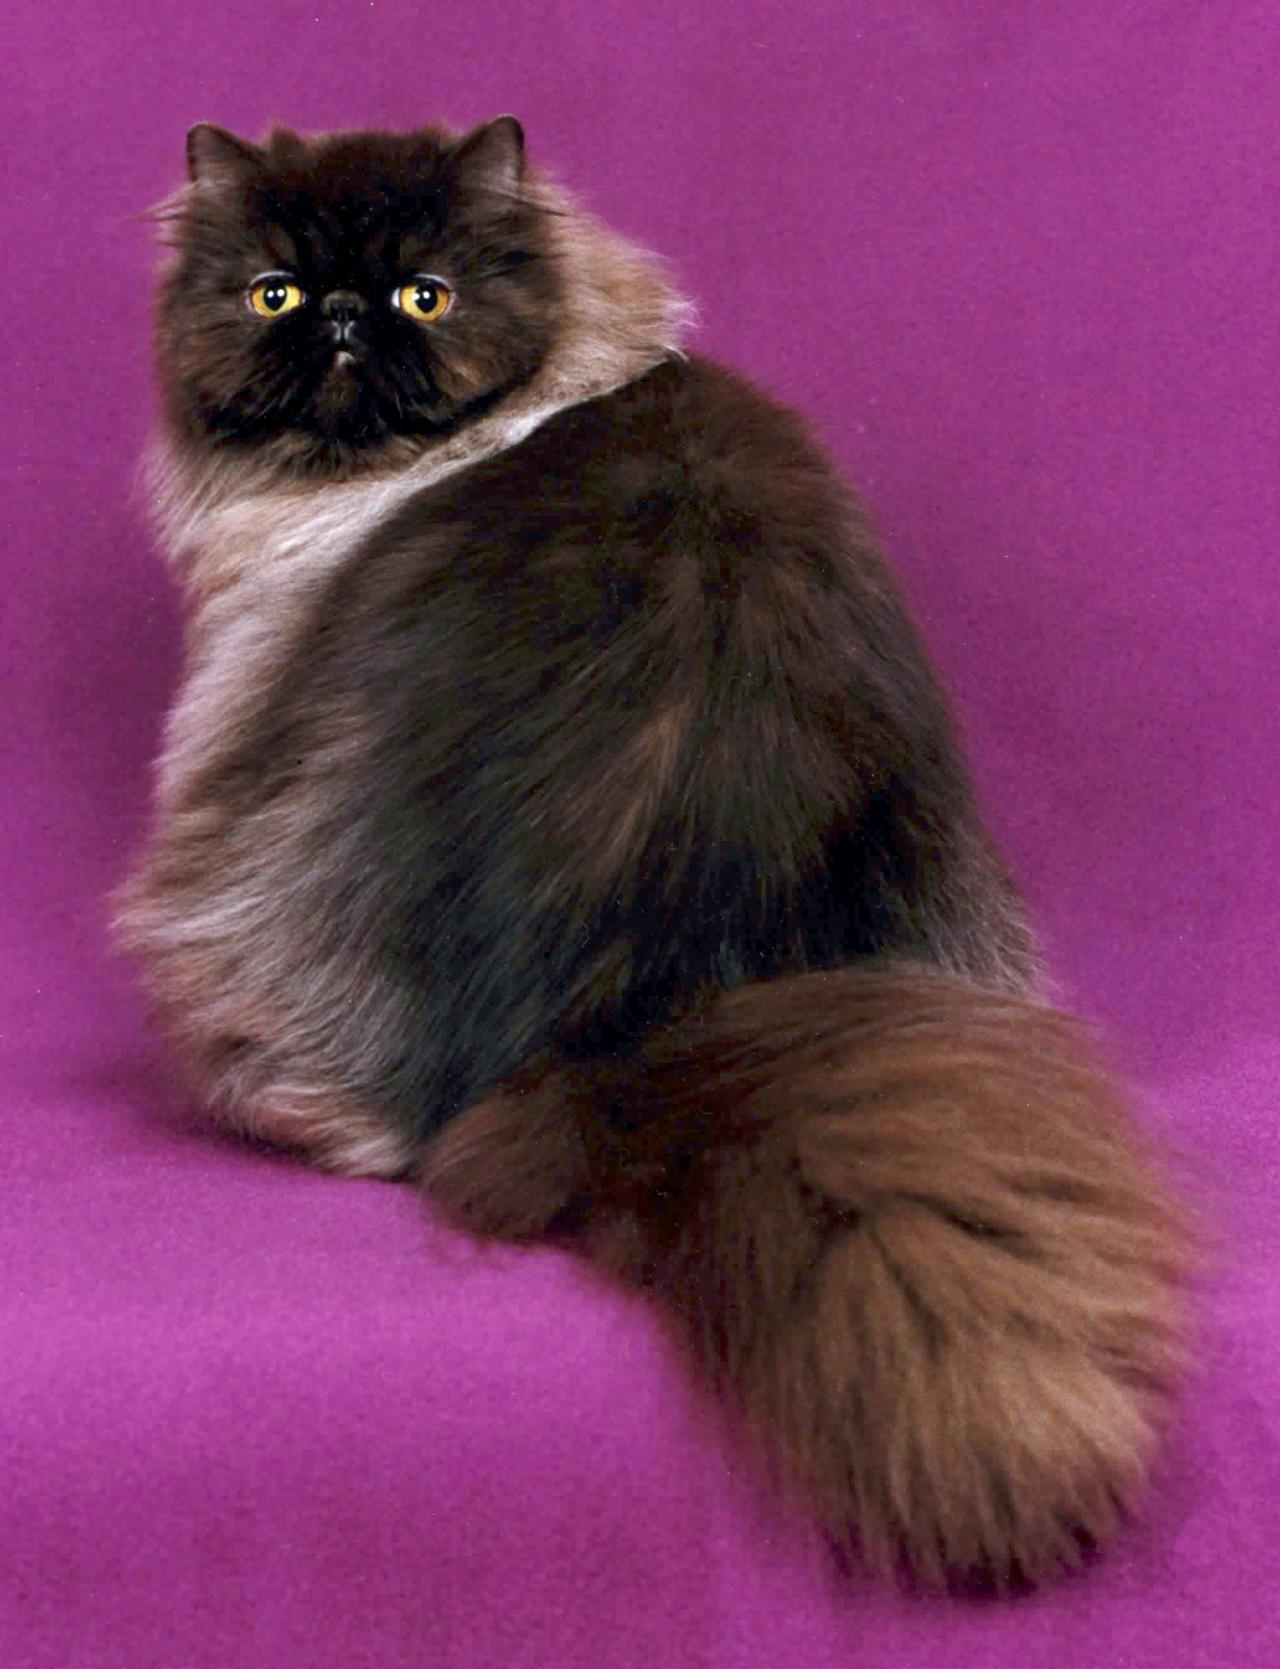 صورة صور قطط شيرازي , من اجمل انواع القطط الشيرازي كيوت قوي 3636 6